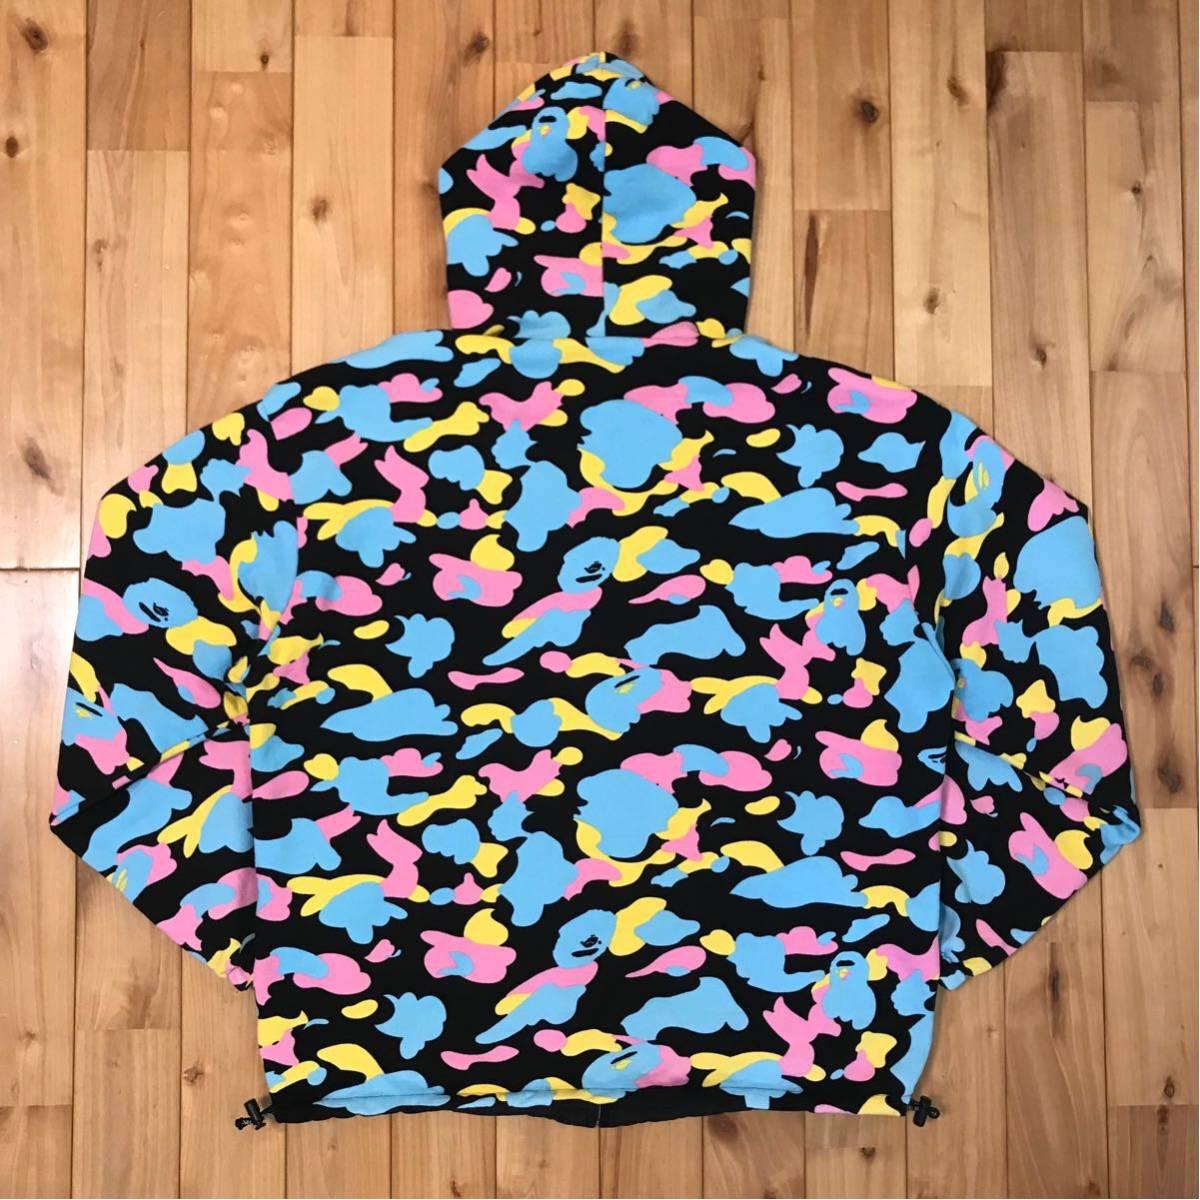 ★リバーシブル★ マルチカモ パーカー Mサイズ a bathing ape BAPE hoodie cotton candy camo multi jacket エイプ ベイプ ブルゾン 迷彩